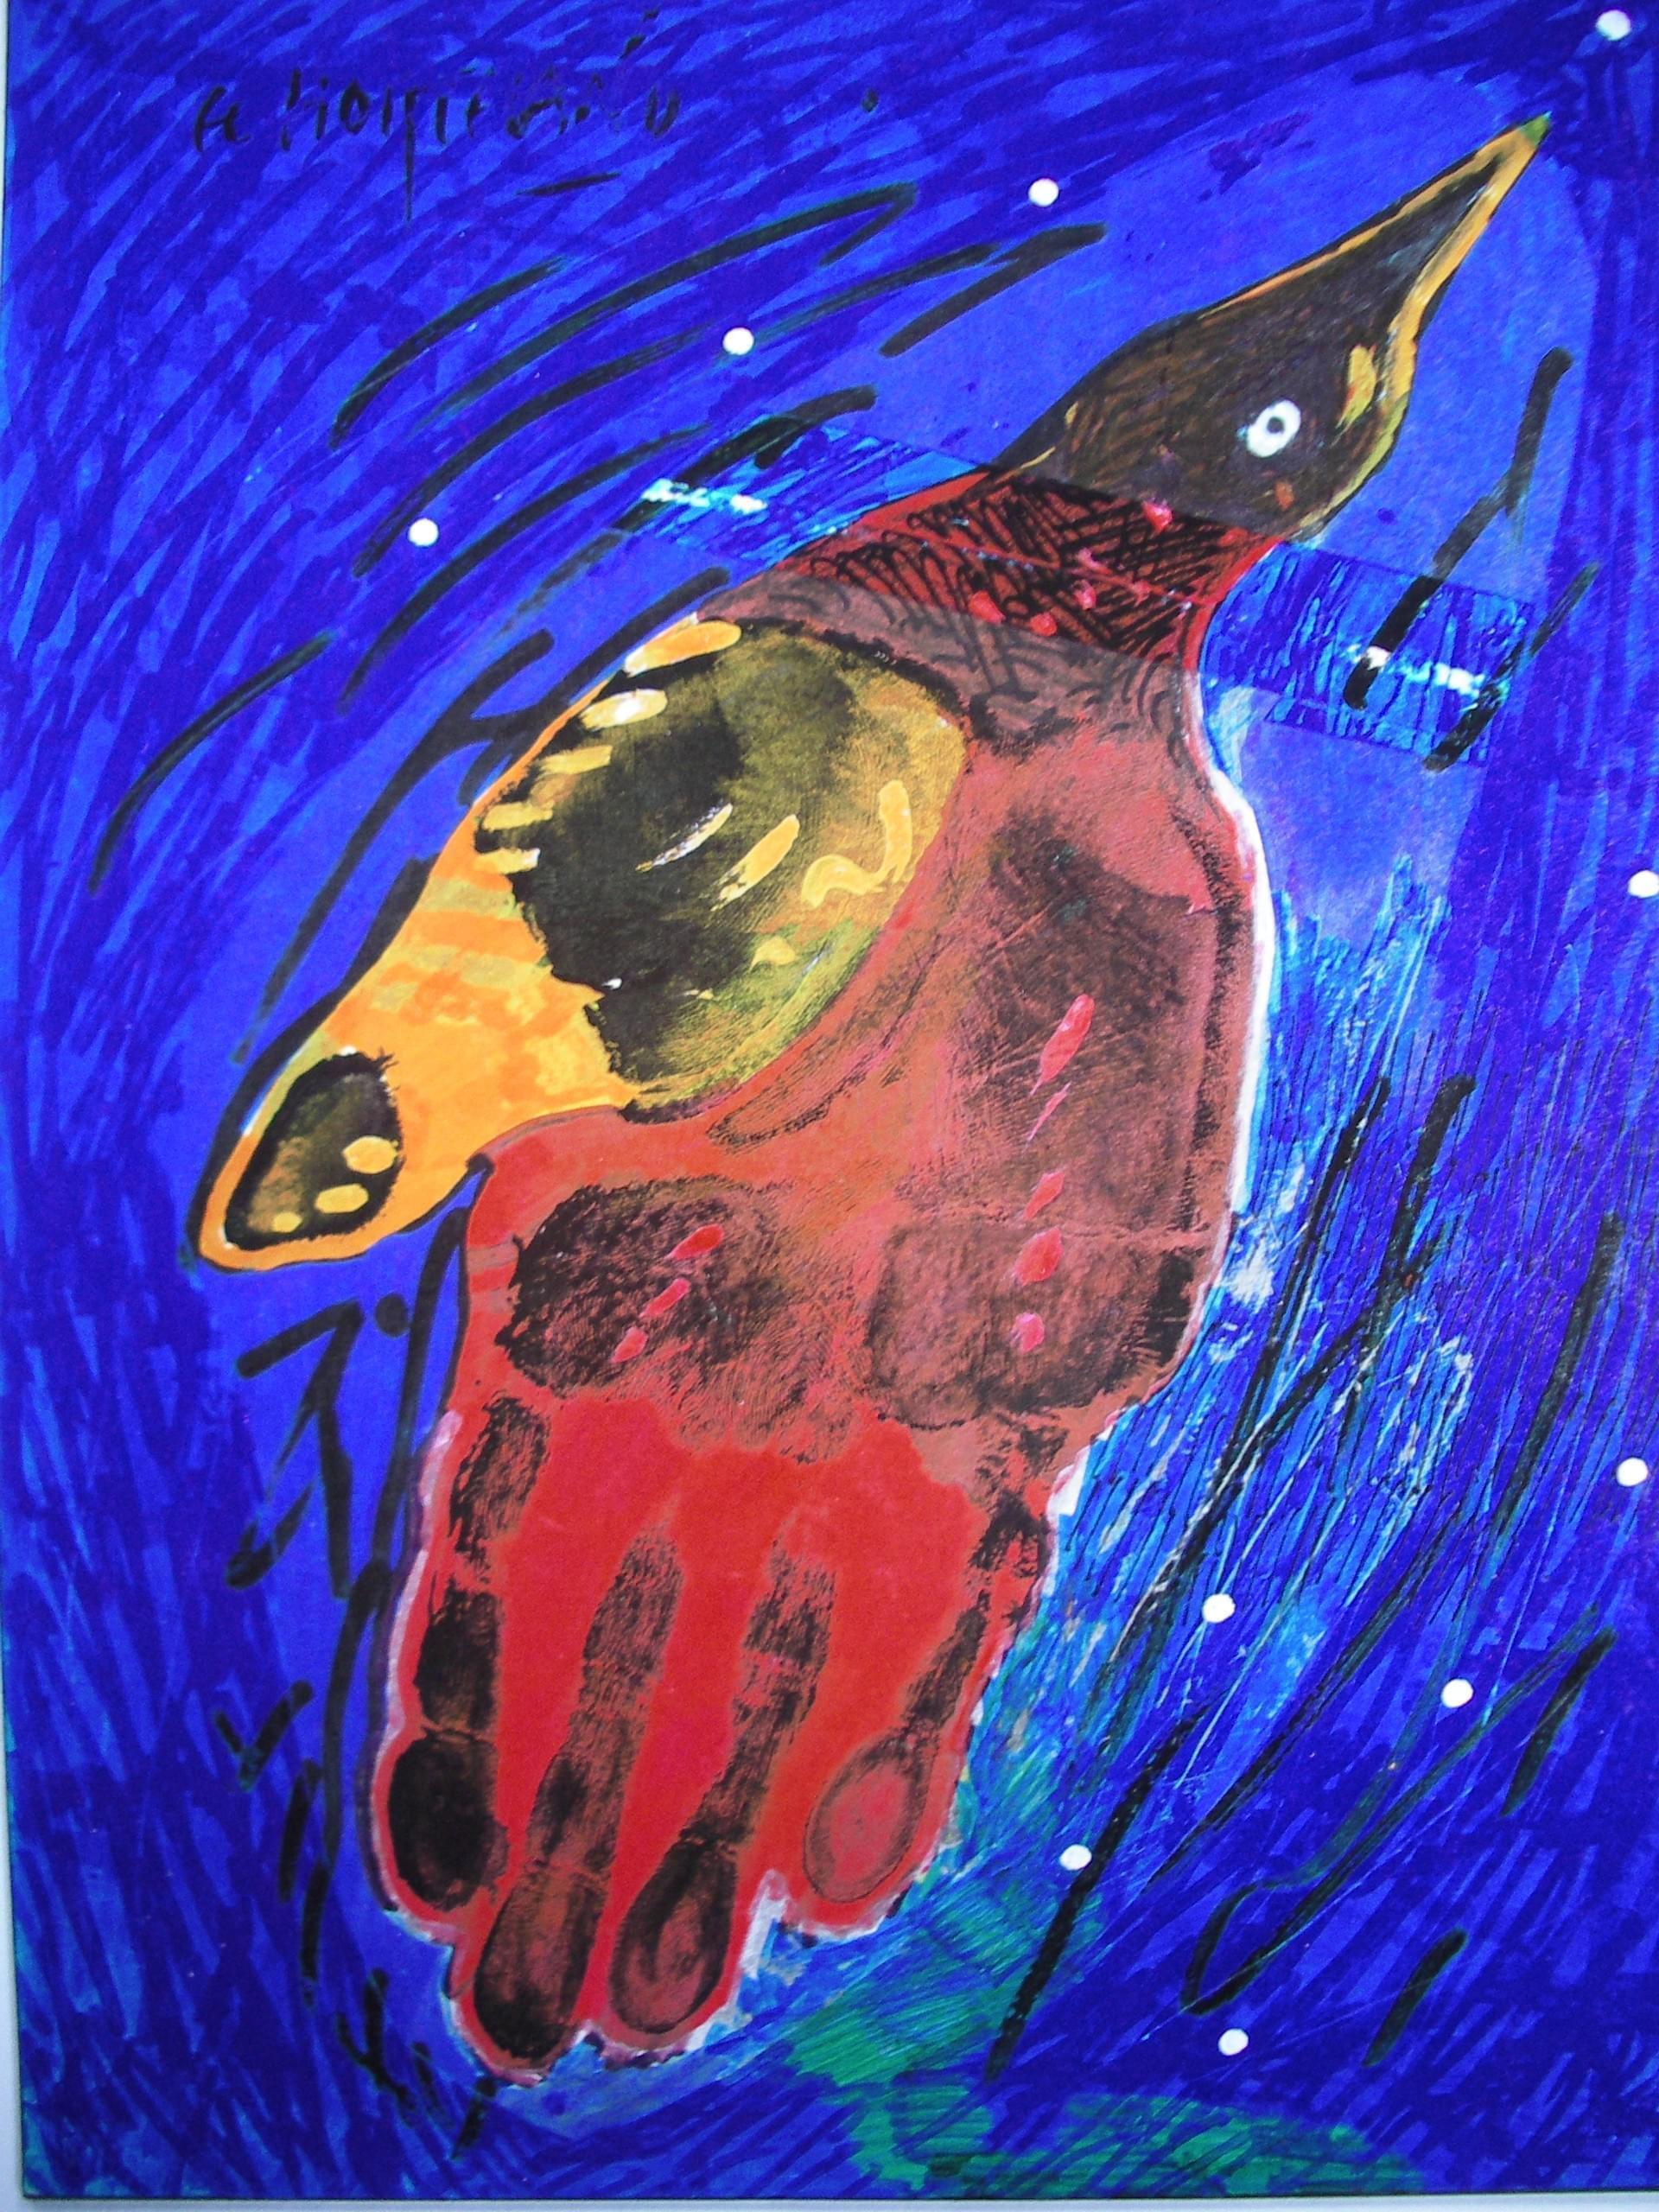 09-EH009 15-Vuelo nocturno (Mirlo) Óleo y técnica mixta sobre lienzo 28 x 22 cm 2002